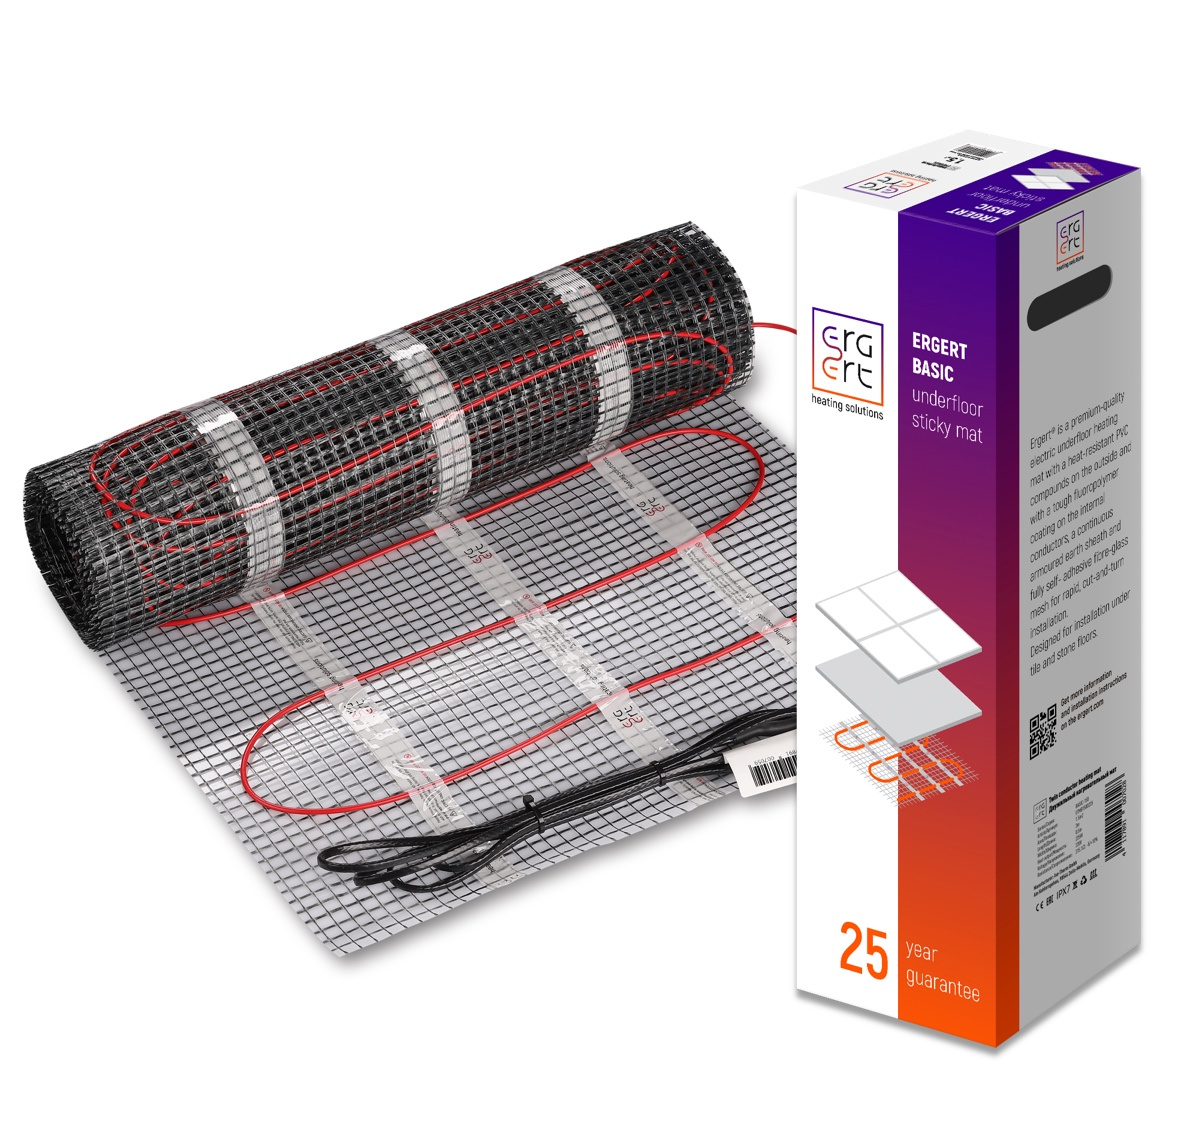 Нагревательный мат Ergert BASIC-150 450 Вт, 3 кв.м. тёплый пол нагревательный мат devi 450 вт 3 м2